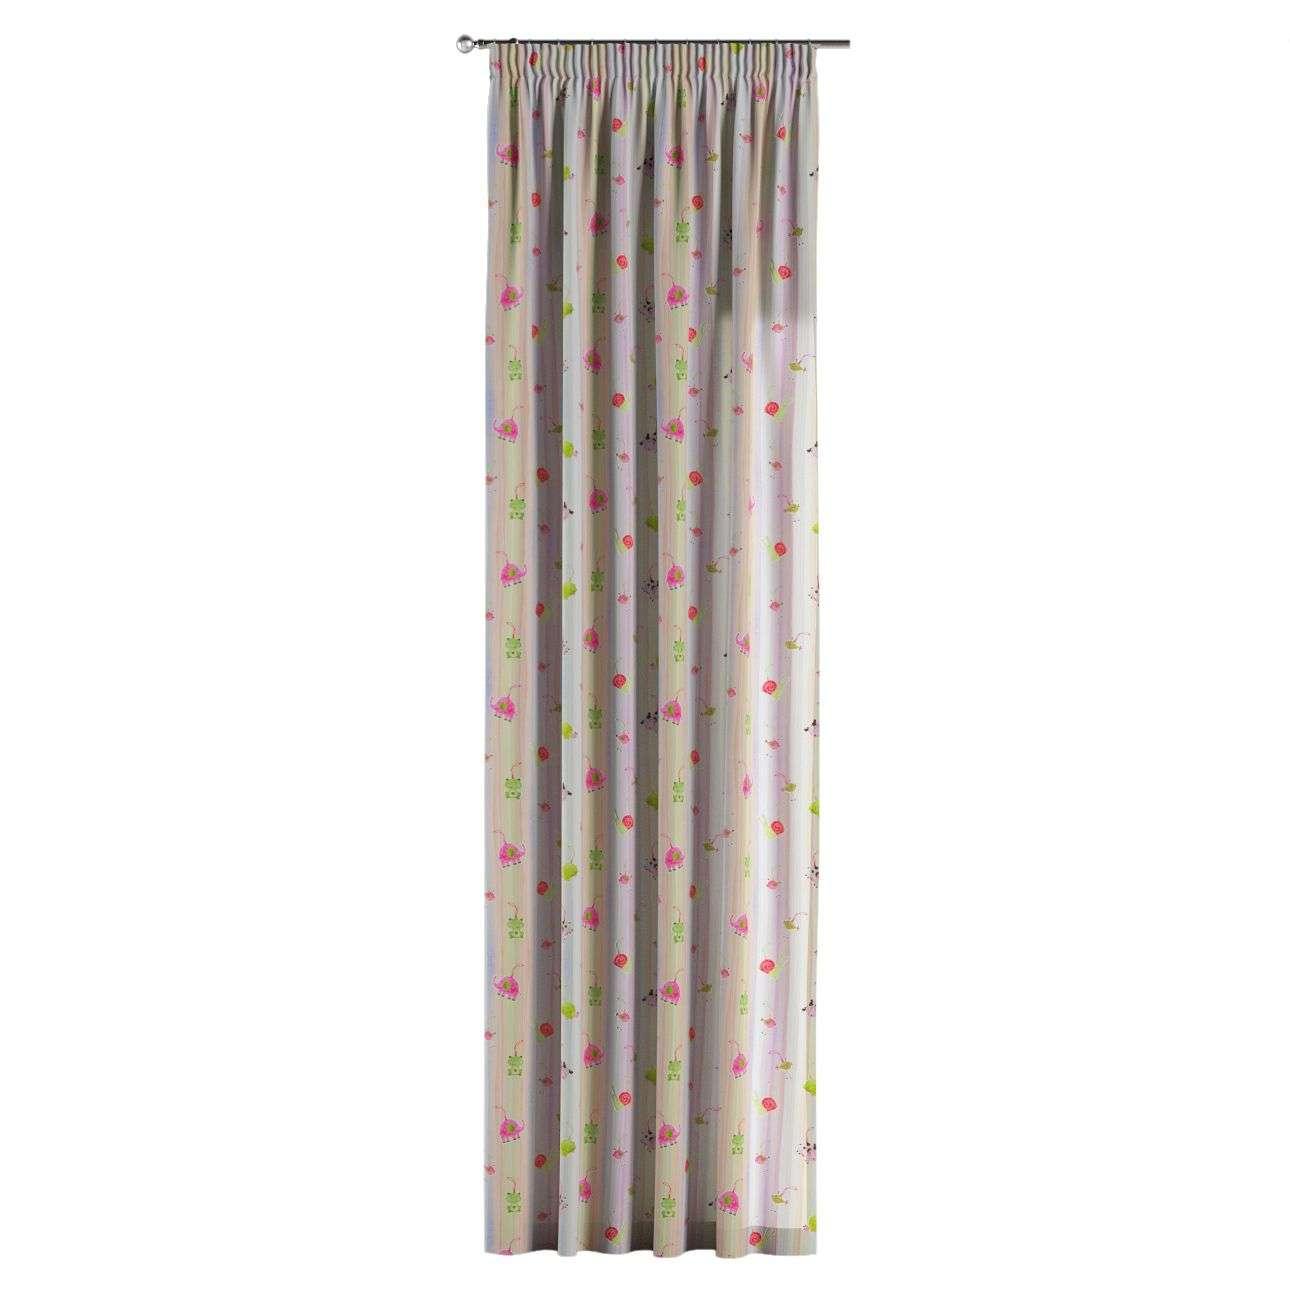 Vorhang mit Kräuselband 1 Stck. 130 x 260 cm von der Kollektion Apanona, Stoff: 151-05